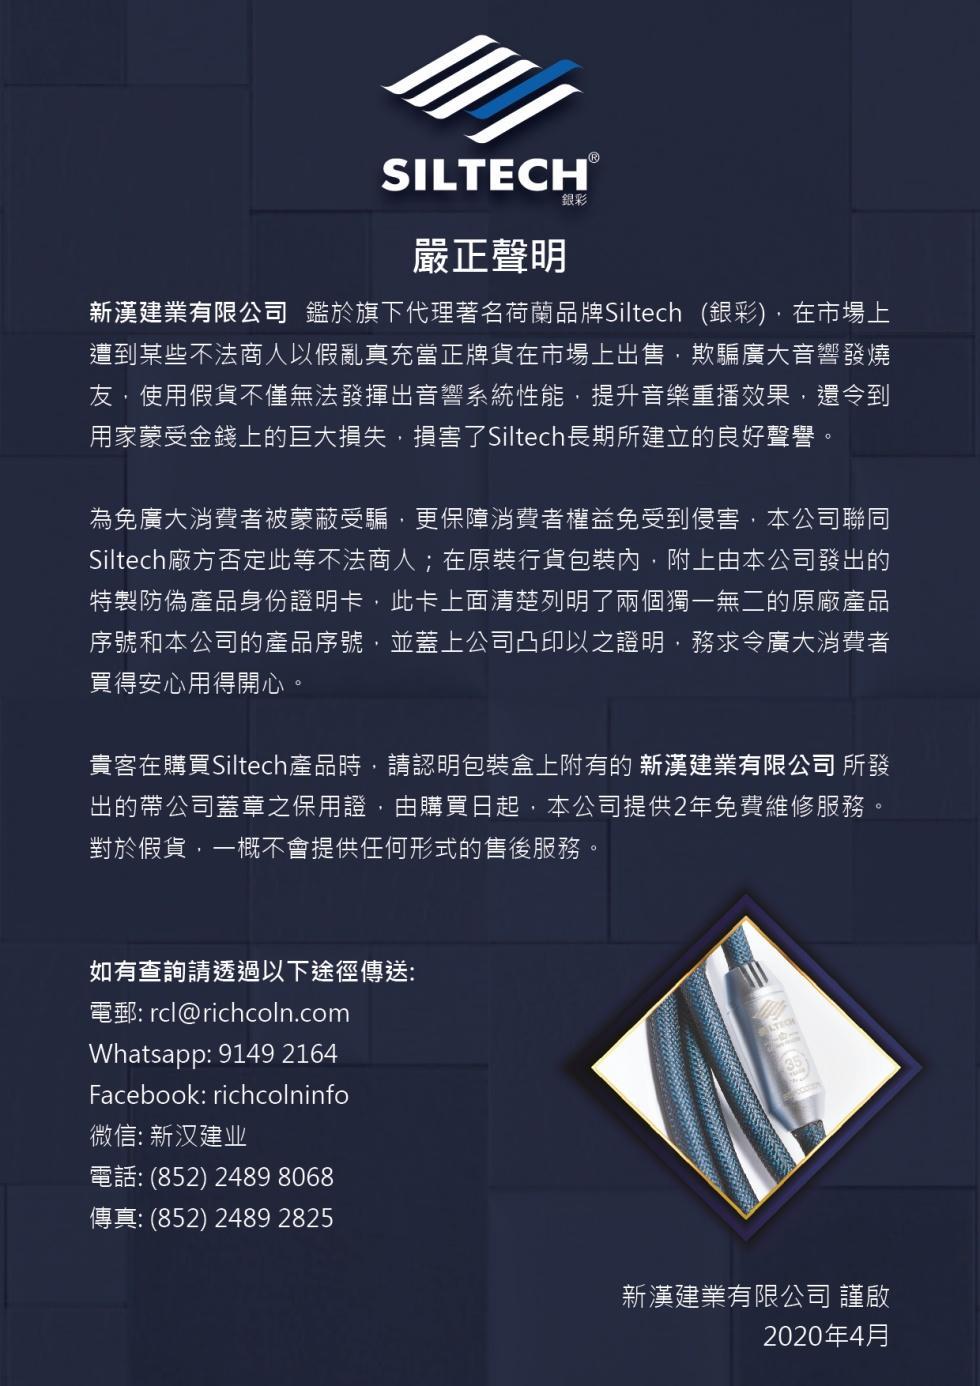 新漢建業有限公司 嚴正聲明